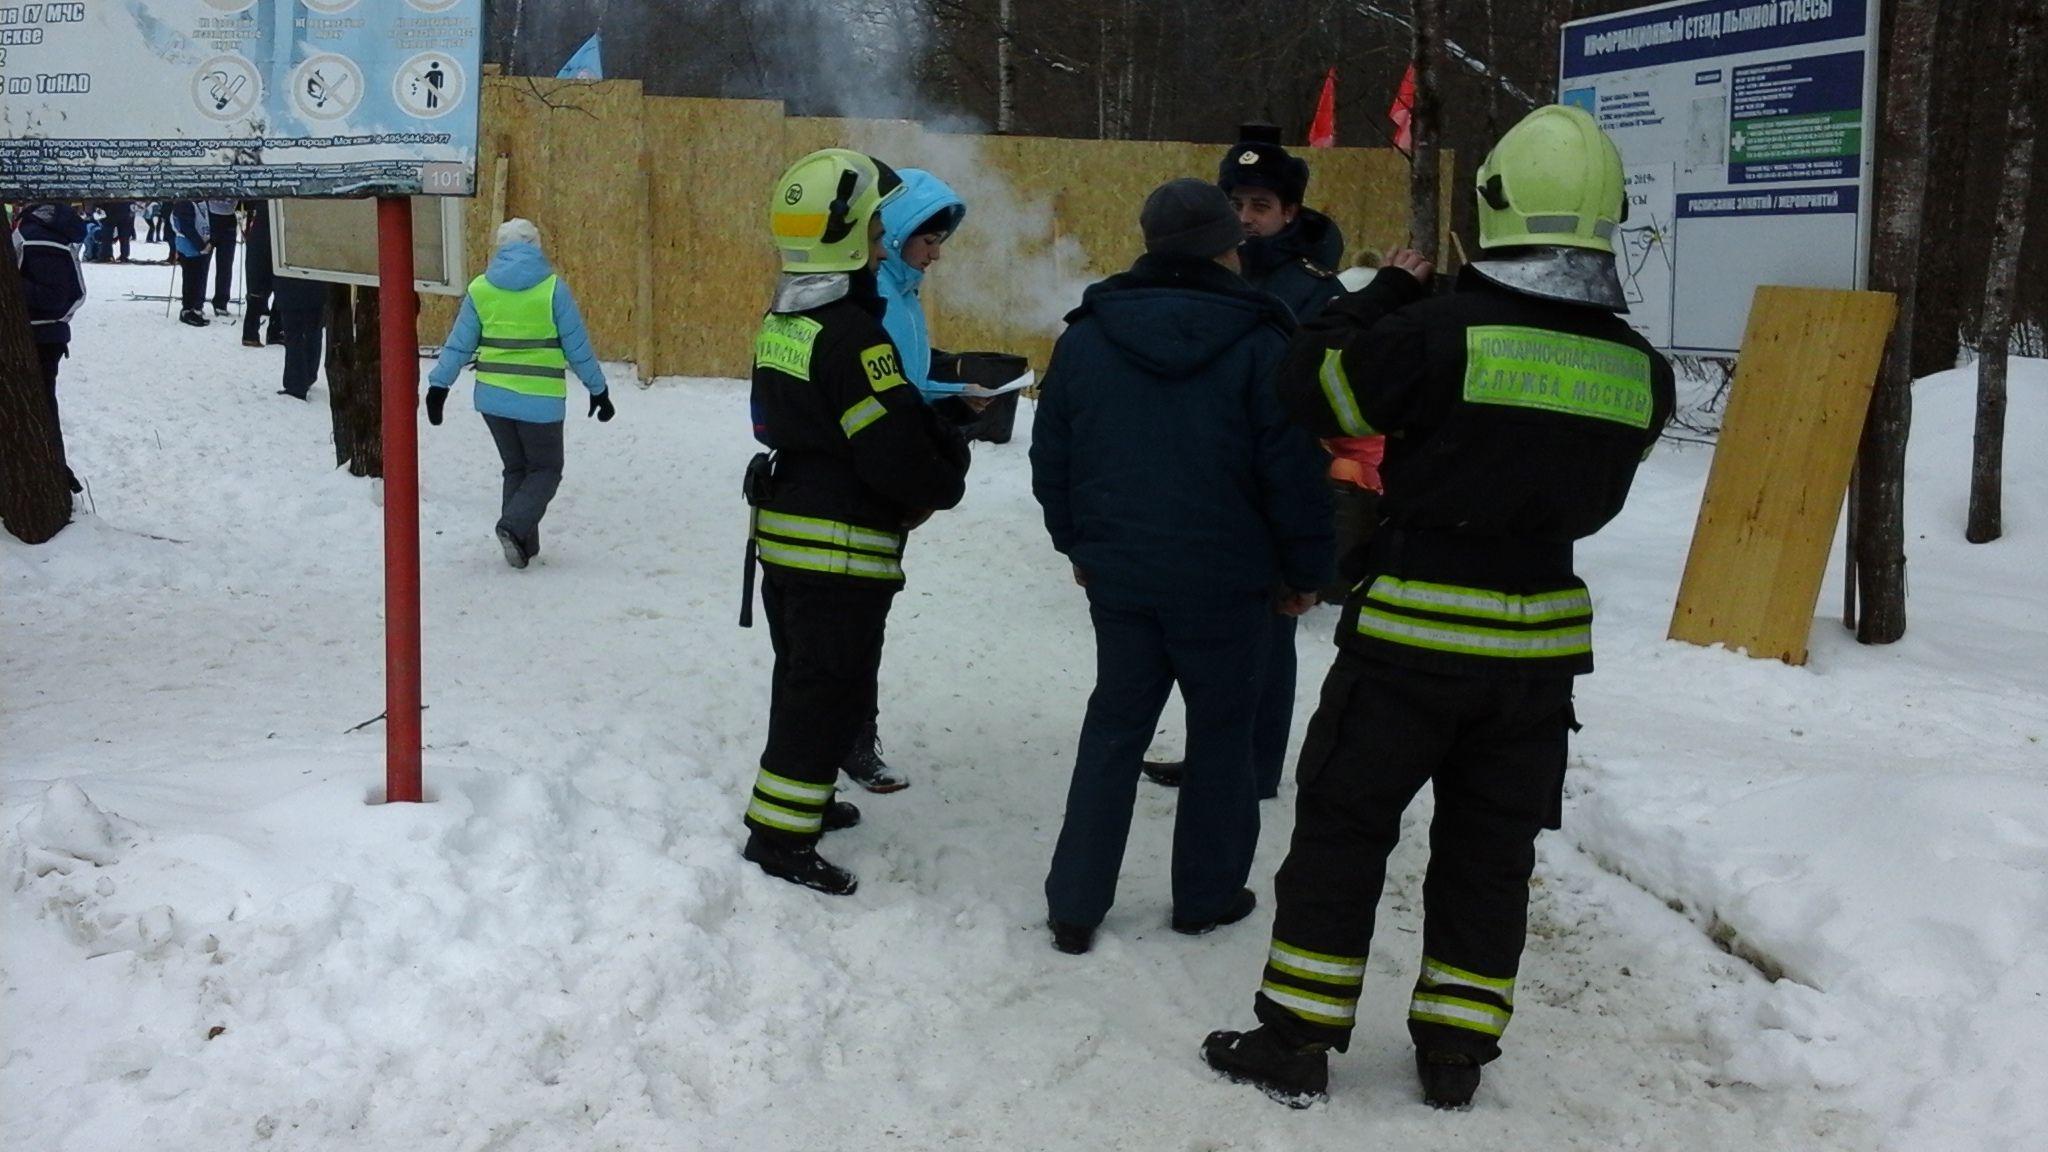 Спасатели новой Москвы приняли участие в лыжной гонке «Лыжня России-2019»